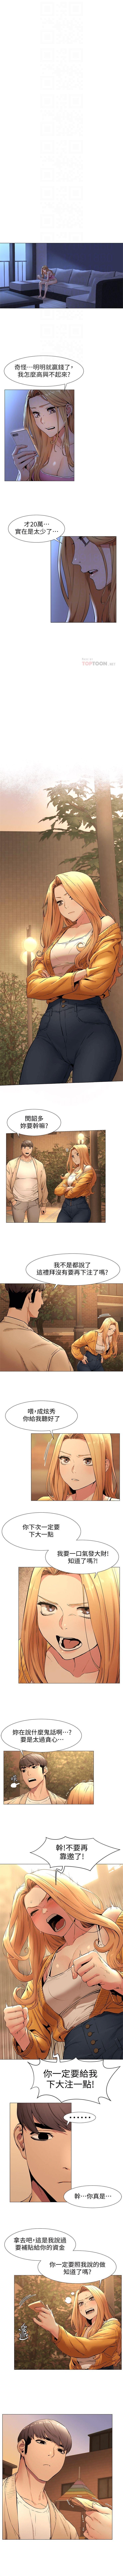 (週5)衝突 1-94 中文翻譯 (更新中) 414